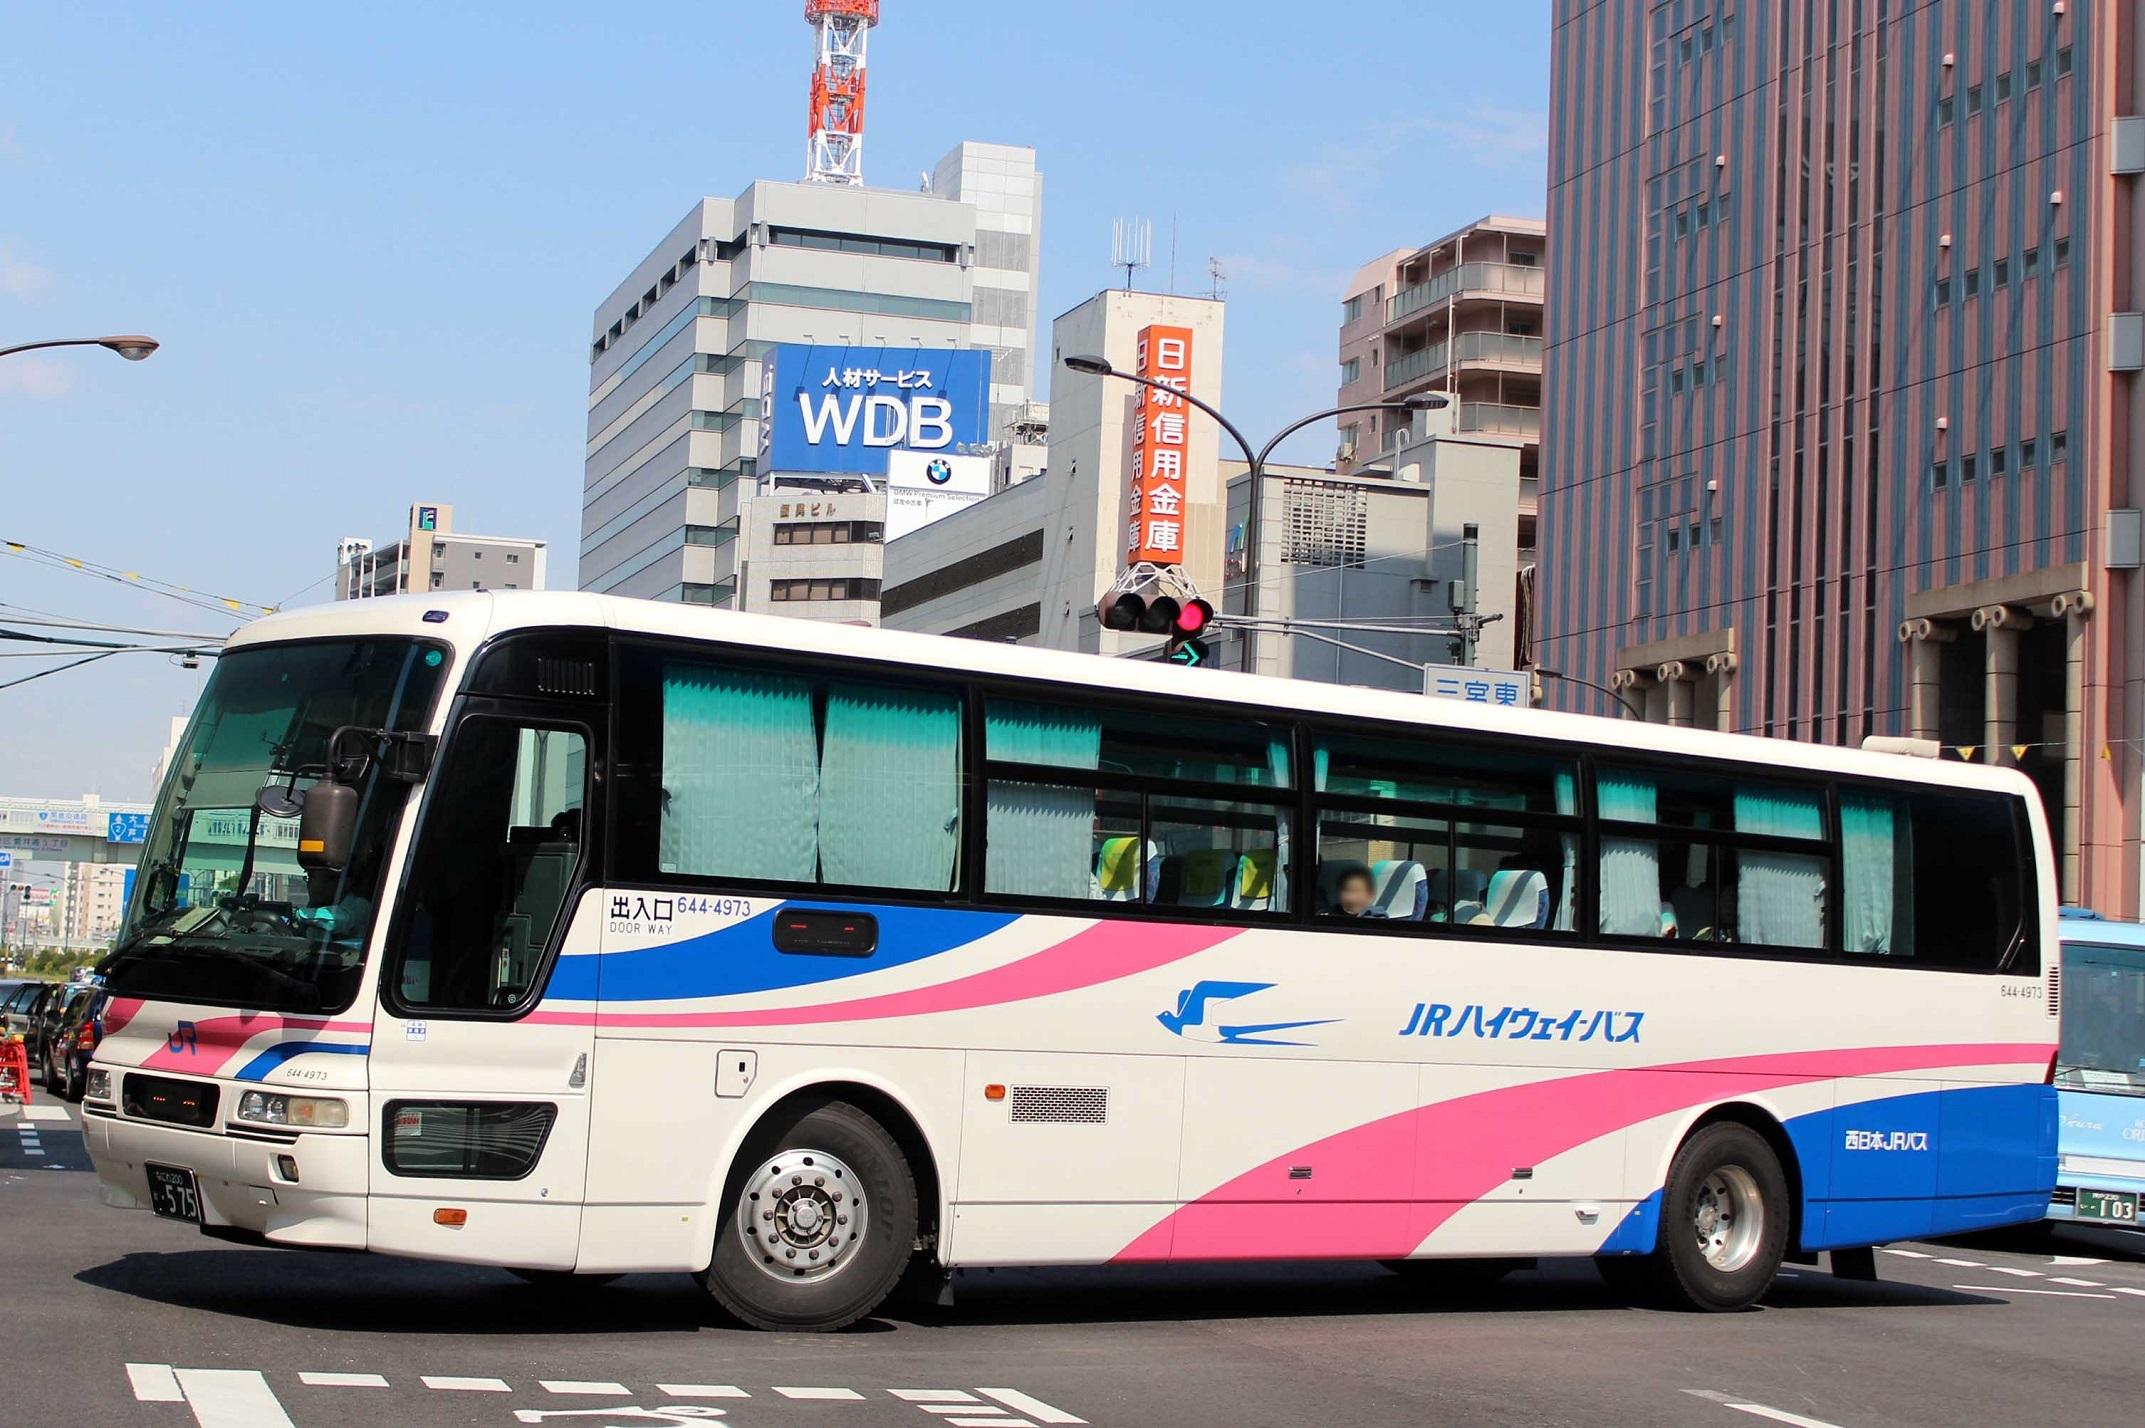 西日本JRバス 644-4973